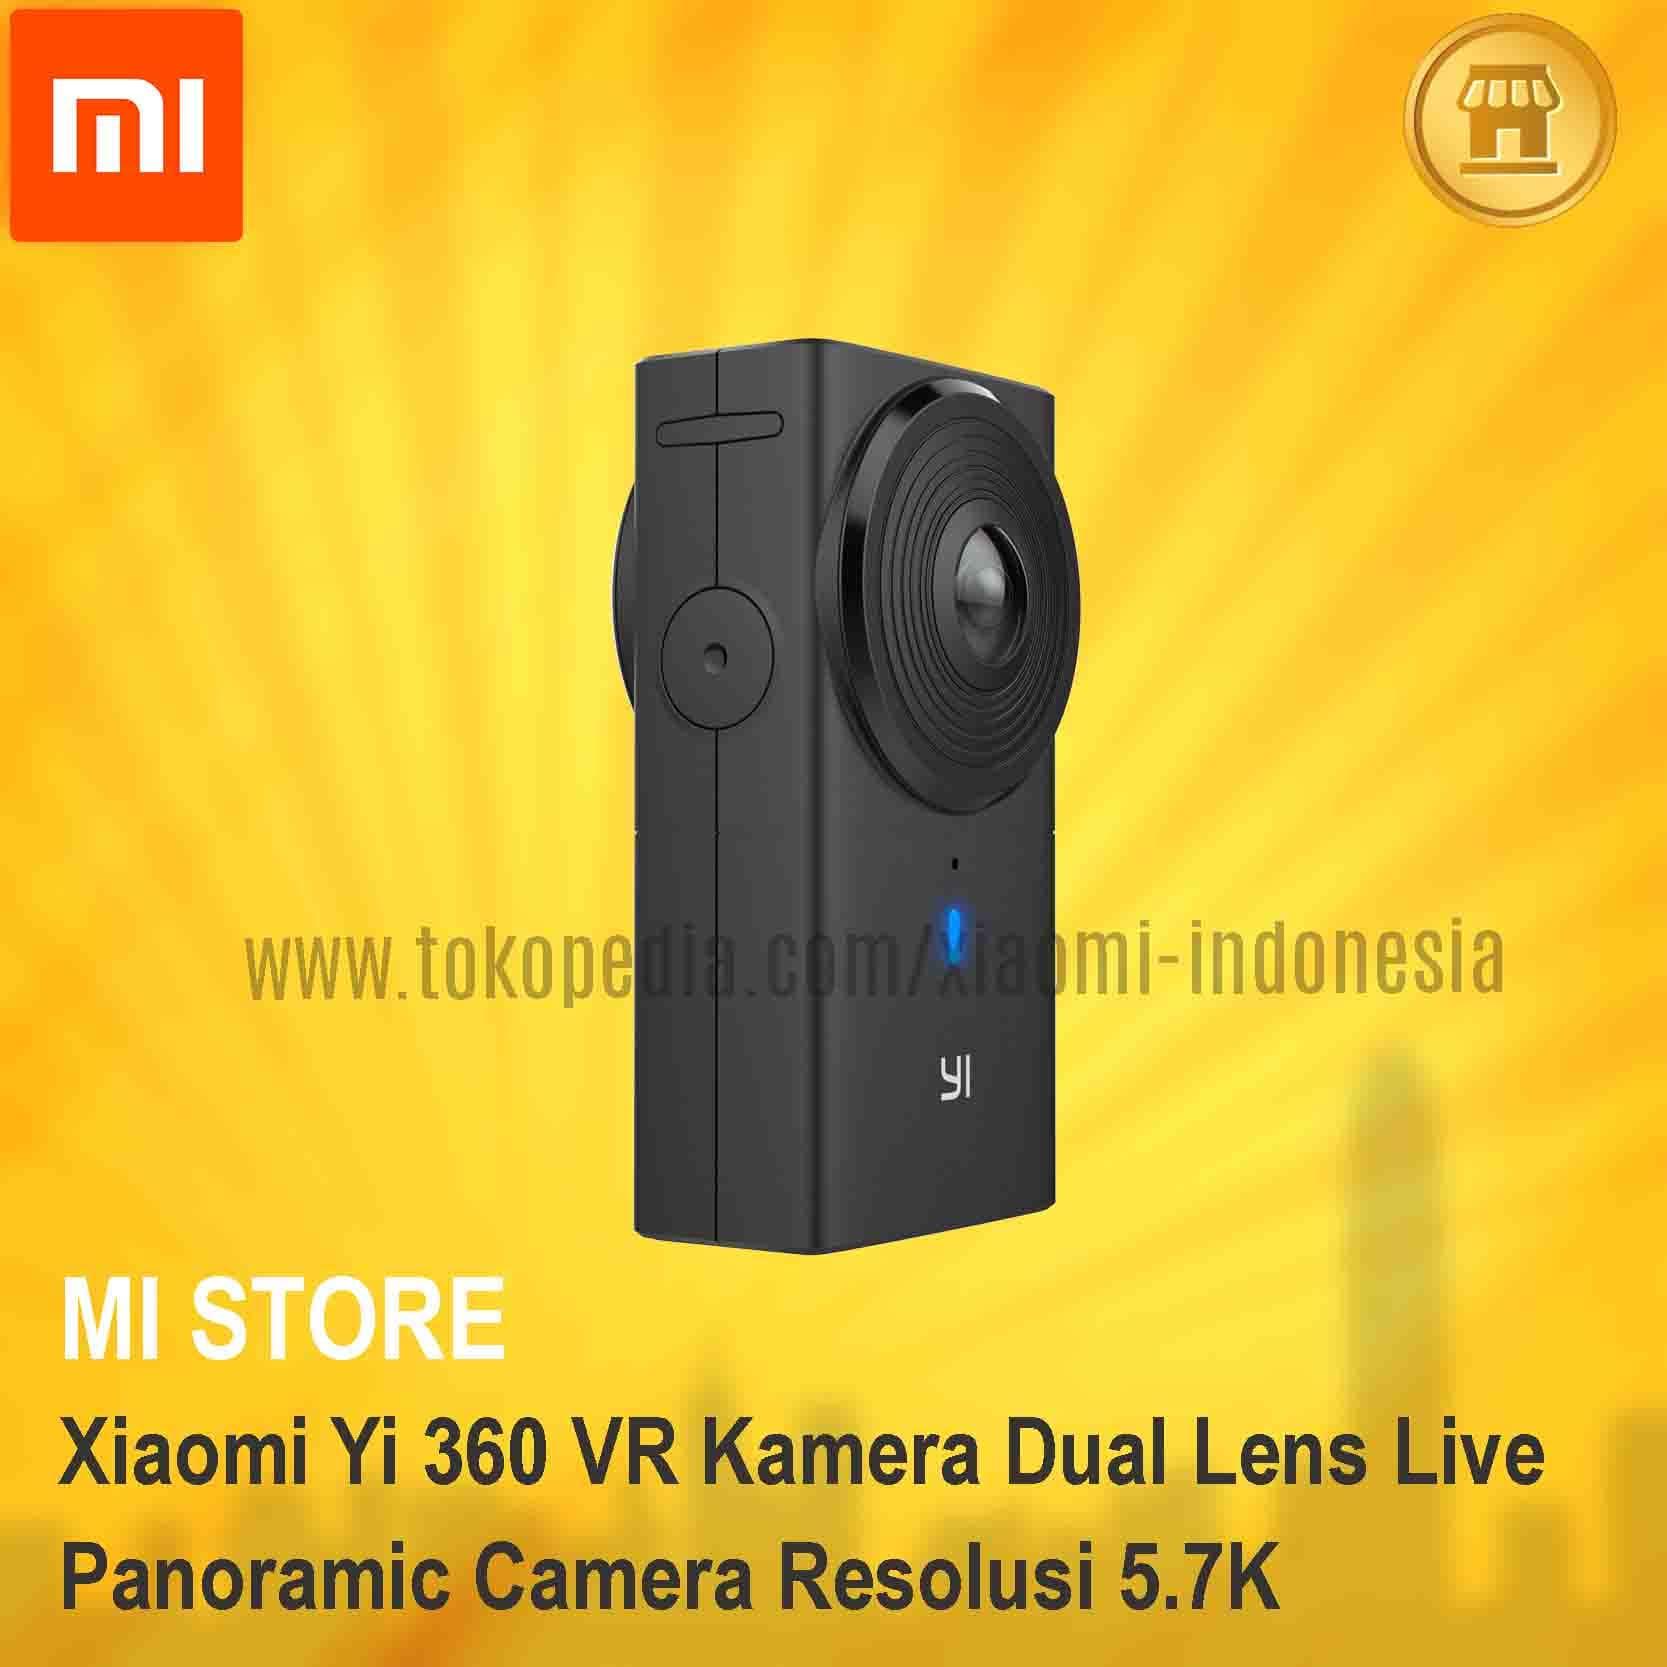 Jual Xiaomi Yi 360 VR Kamera Dual Lens Live Panoramic Camera Resolusi 5 7K MI STORE